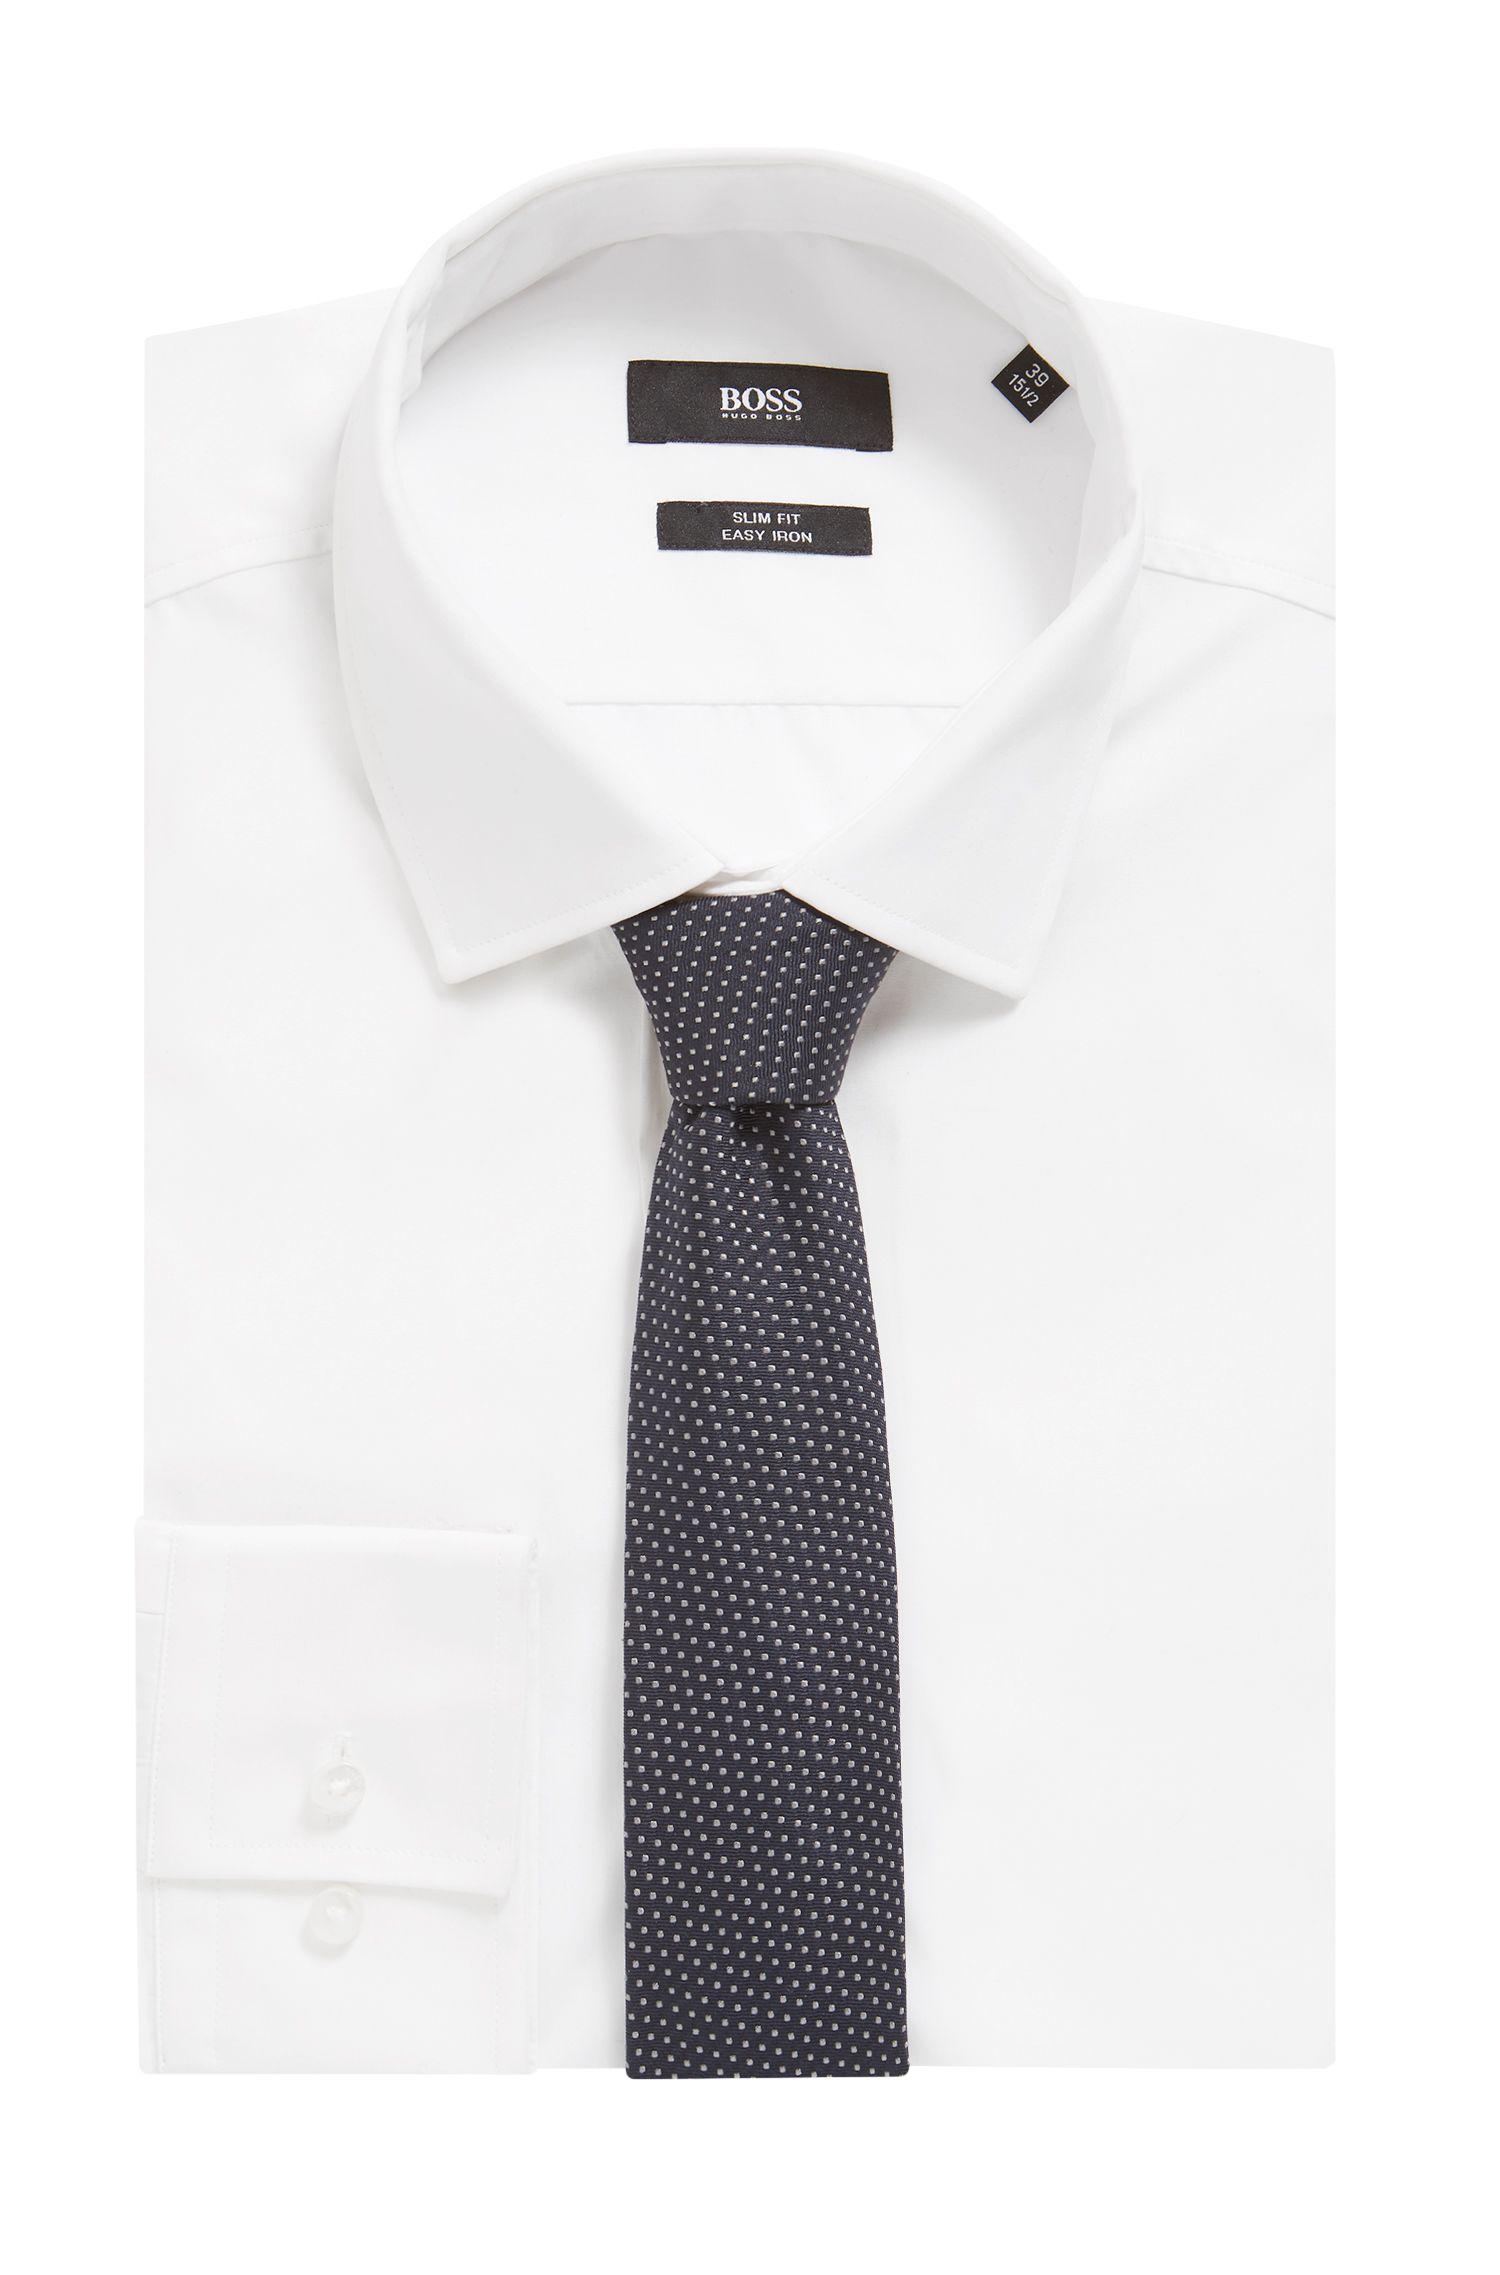 In Italië vervaardigde stropdas in een jacquard van zijde met microstippen